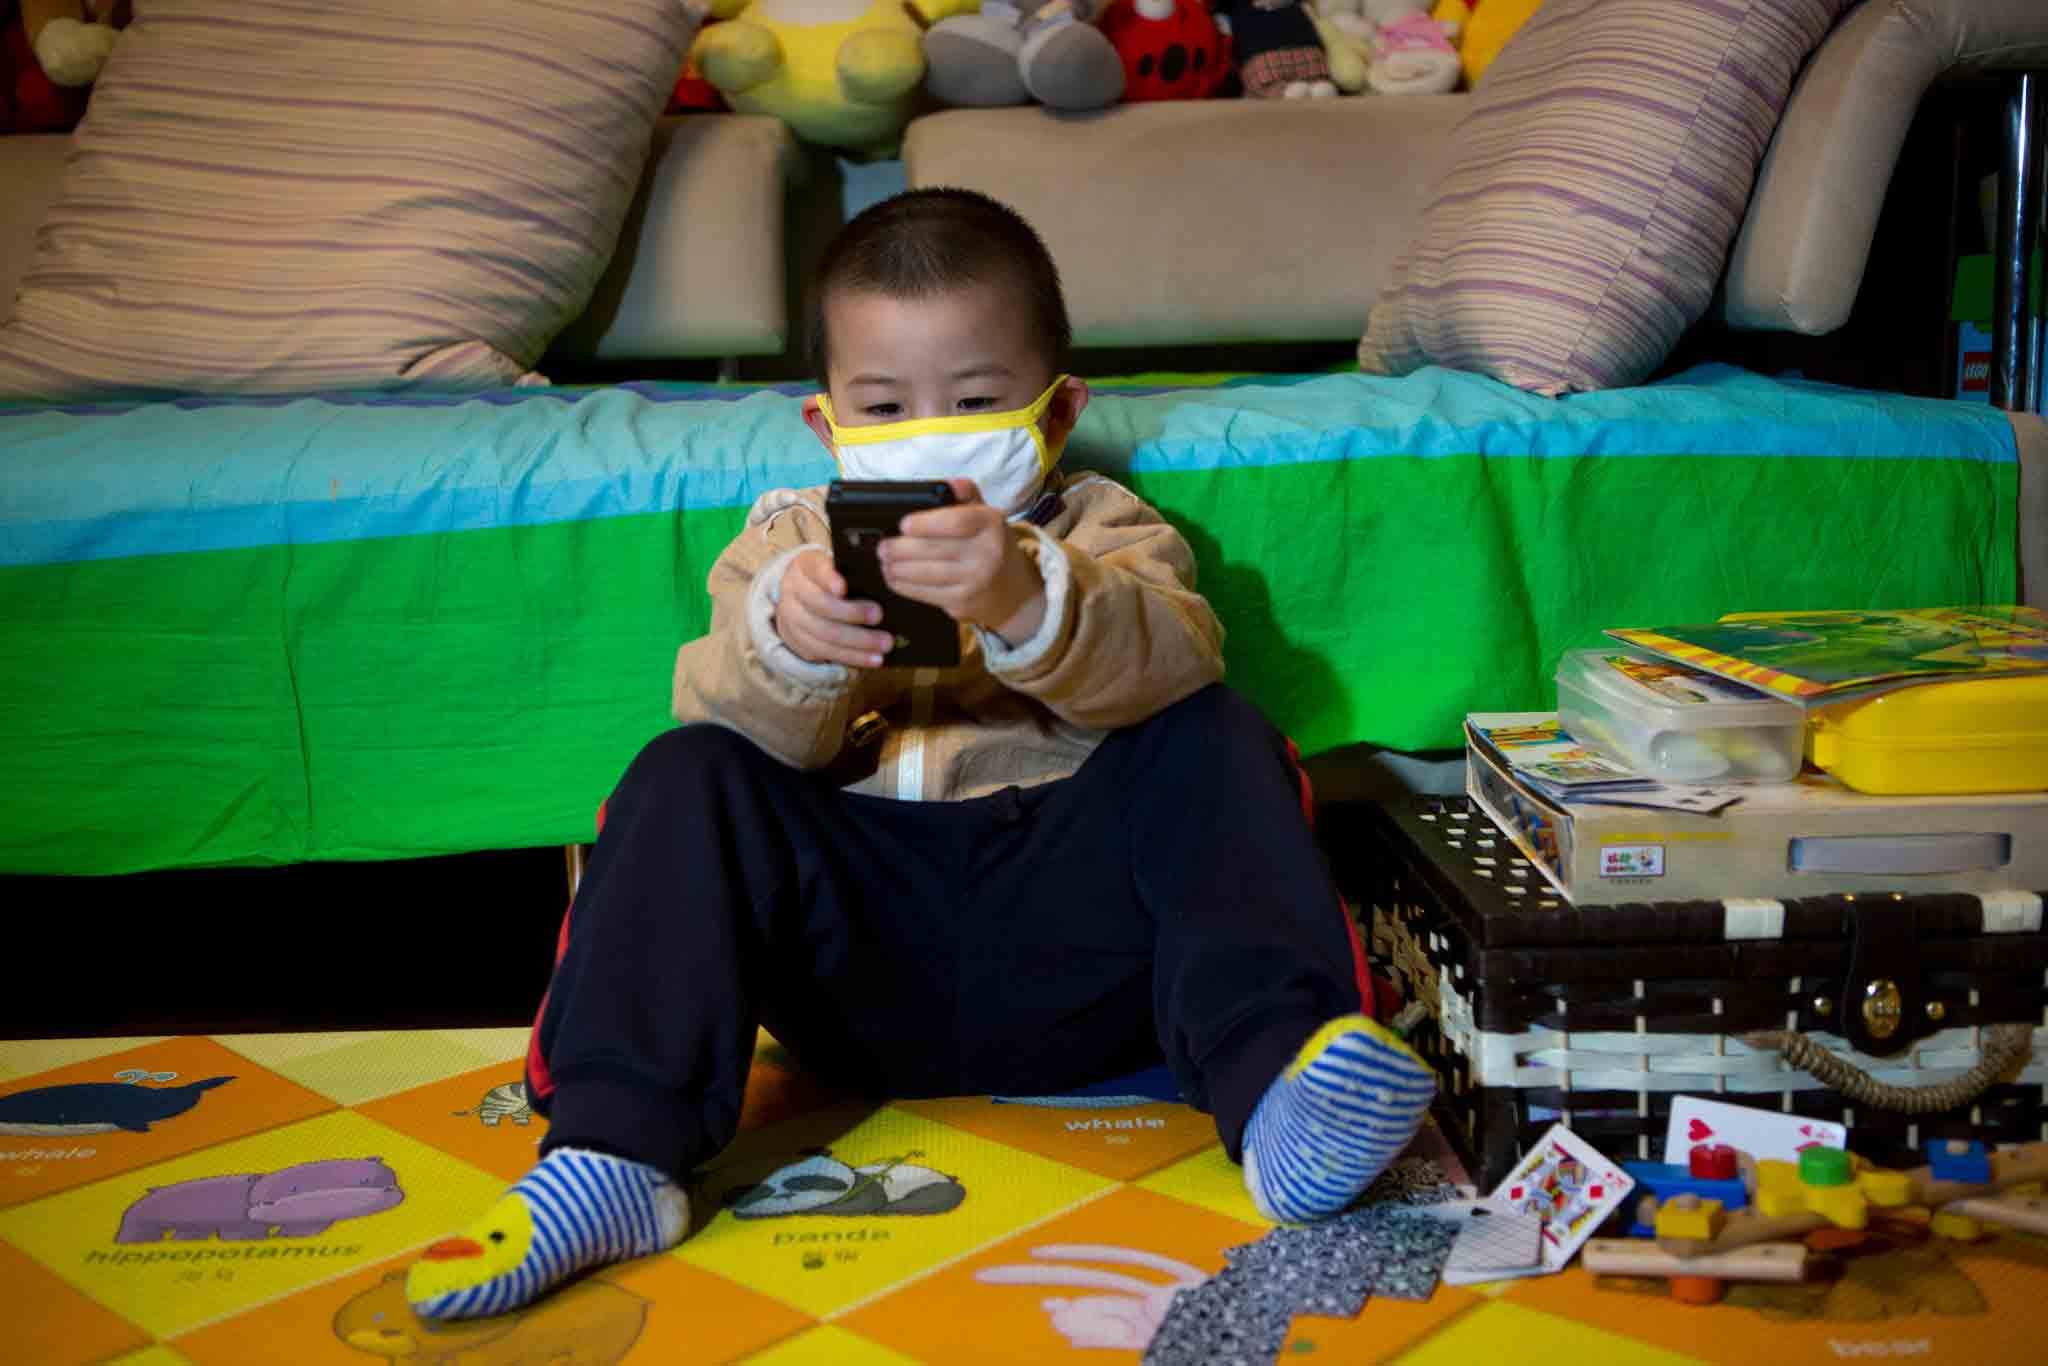 خانه ماندن کودکان در هوای آلوده  مرکز پارسیان مهرپرور